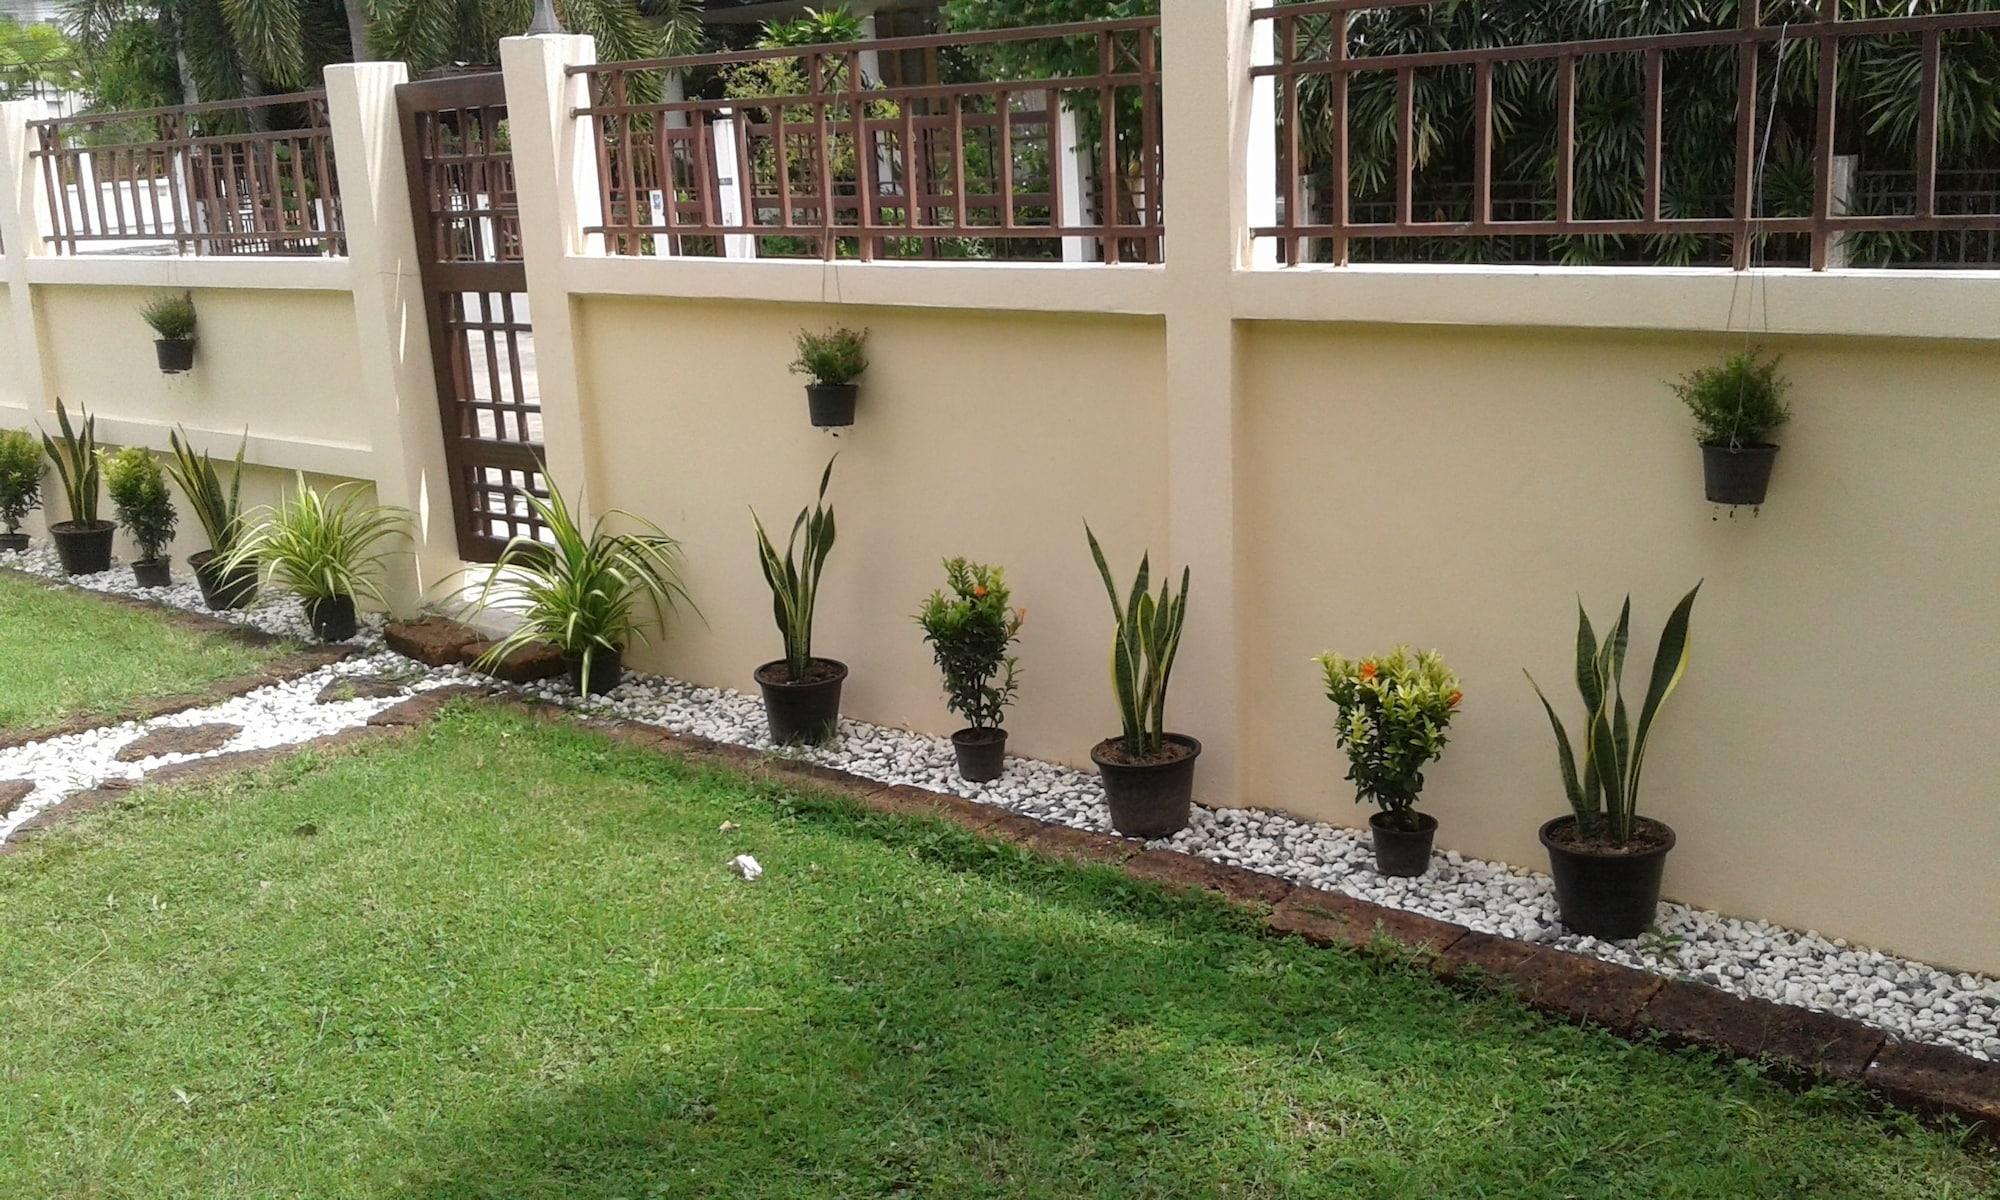 4 Bedroom House & Private Pool Pattaya, Bang Lamung